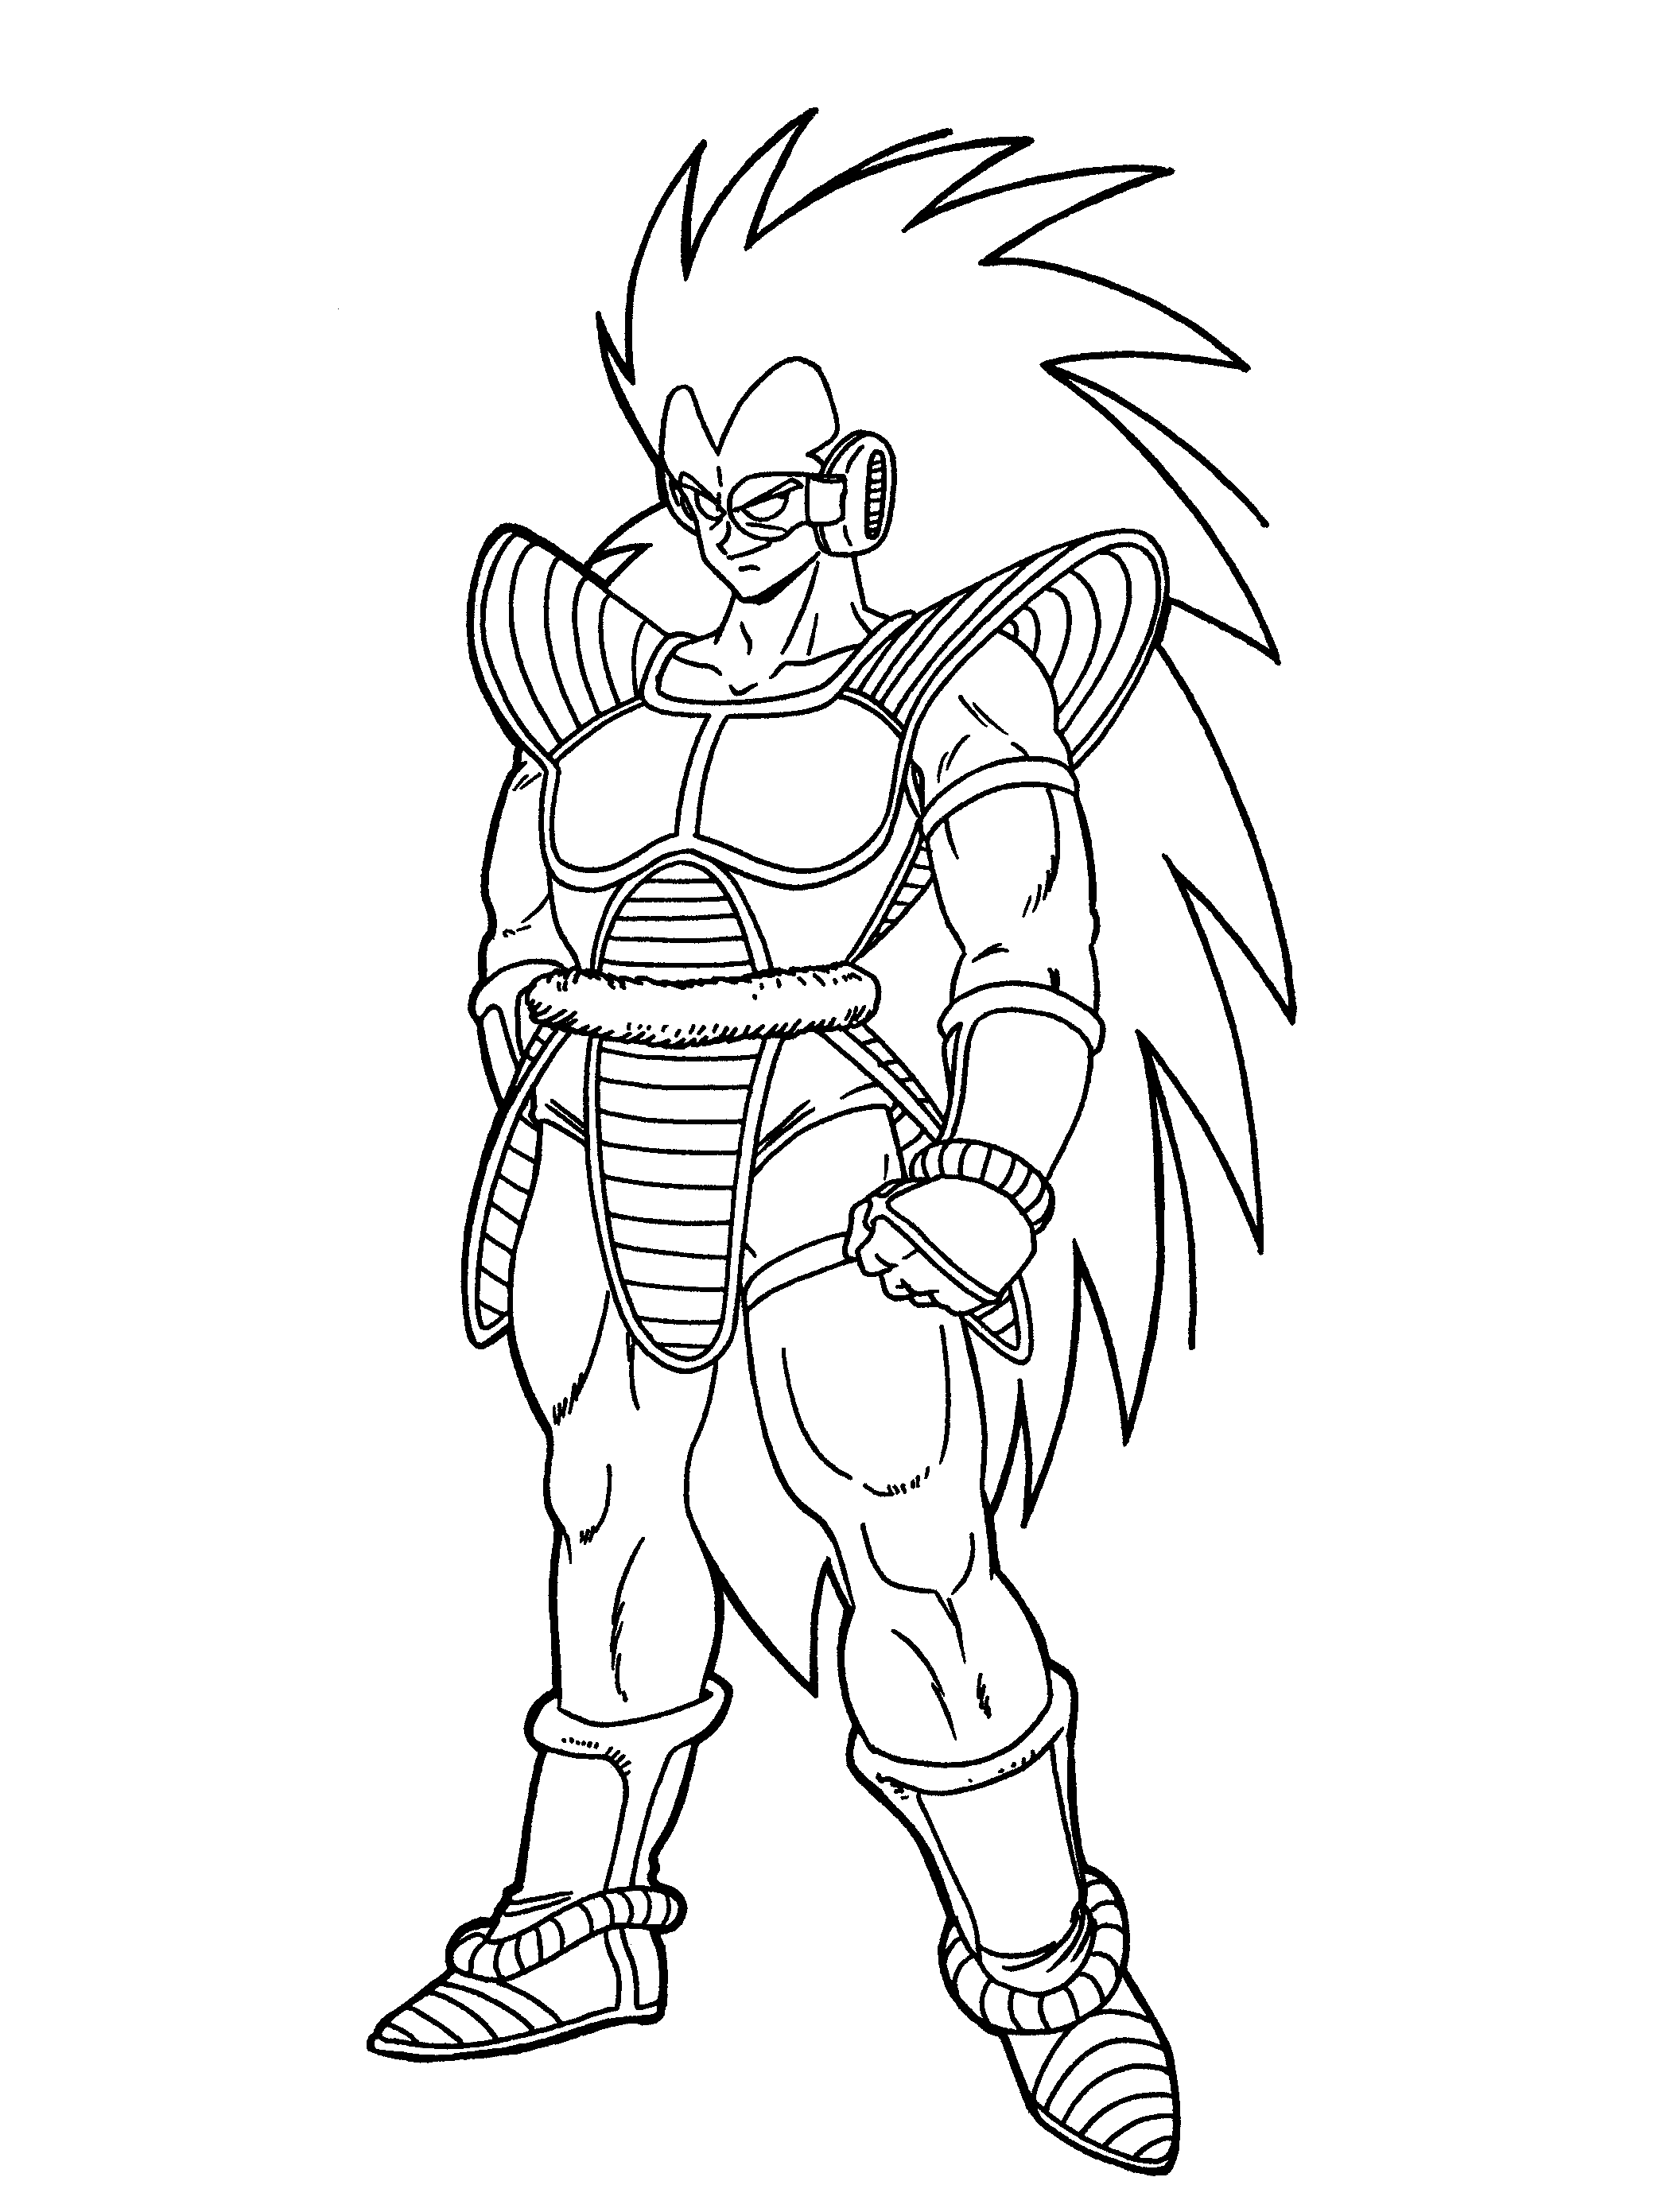 Dibujos De Dragon Ball Super Para Colorear Dibujos Para Colorear